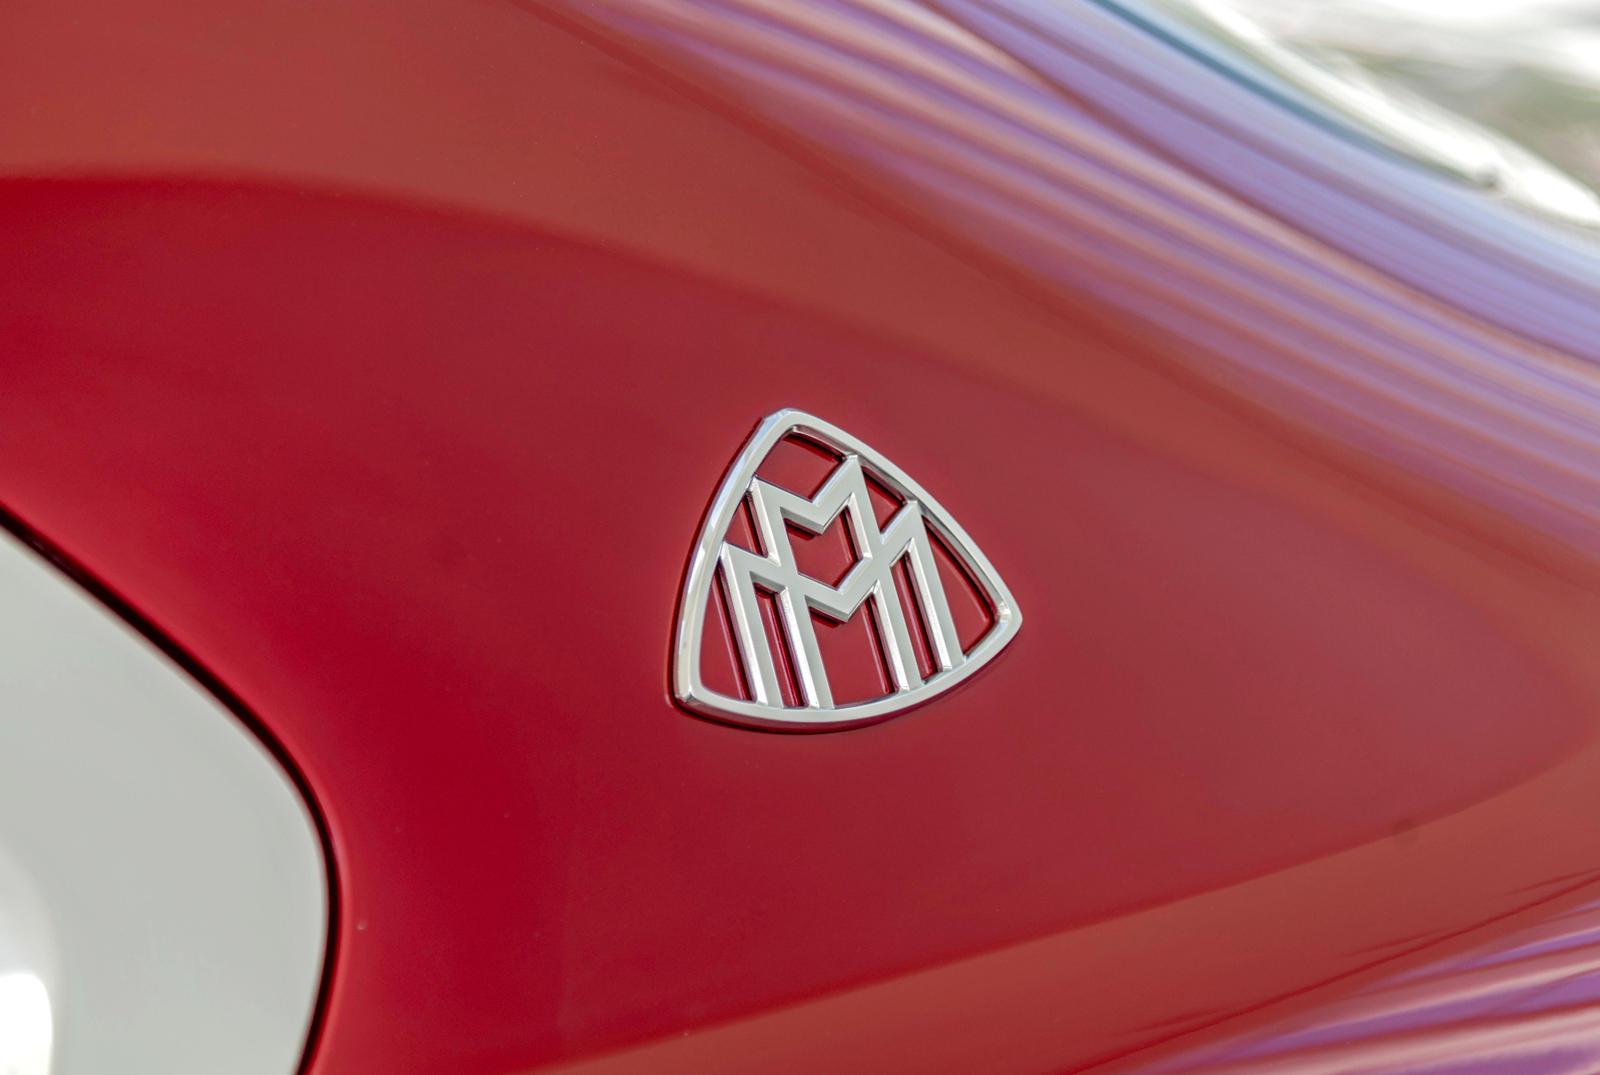 Тизер мало что раскрывает, но он показывает, что Maybach S-Class будет доступен с двухцветной окраской, как и большинство продуктов марки Maybach. Он также получит эмблему Maybach на задней стойке, что является еще одной отличительной чертой Maybach.